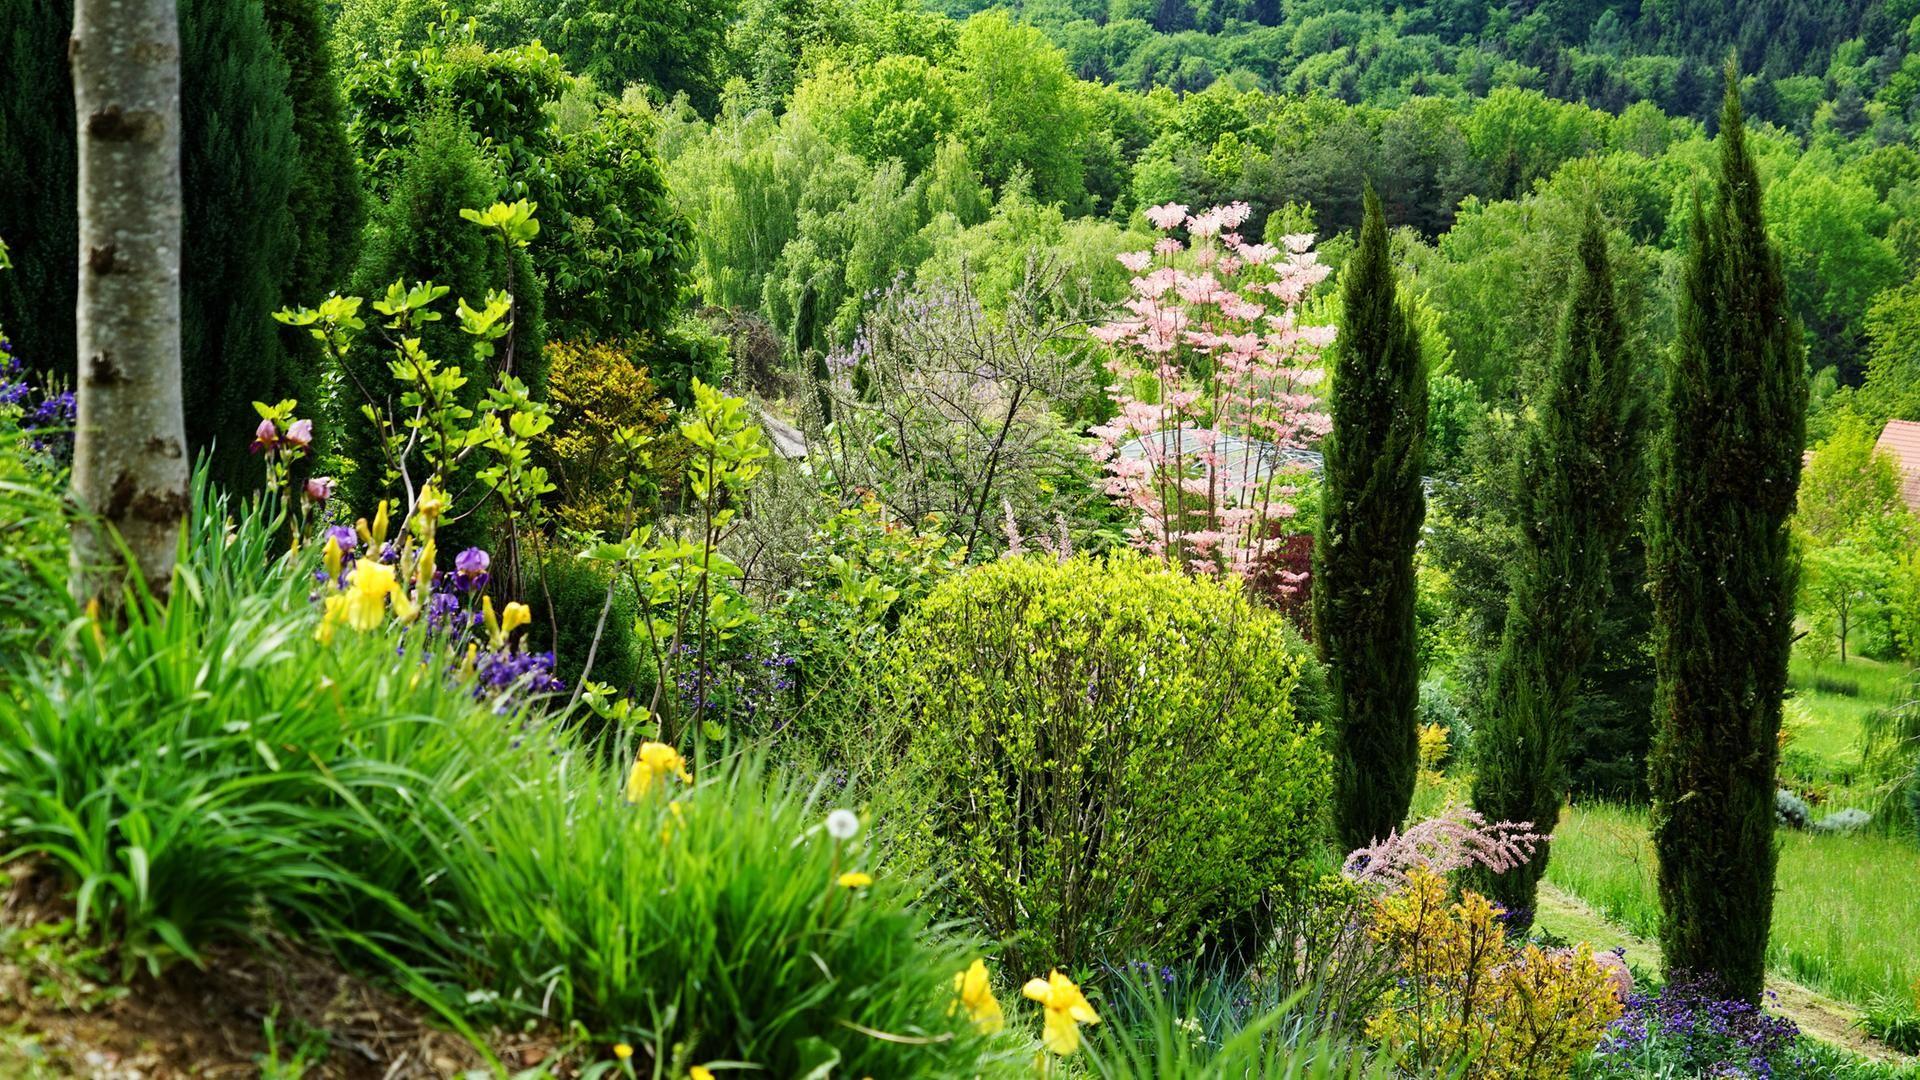 Natur Im Garten 7 10 3sat Mediathek Dekohauseingang Gartengestaltungideen Gartenideen Wohnzimmerideenwandgestaltung Wohnzimmer Plants Outdoor Farmland